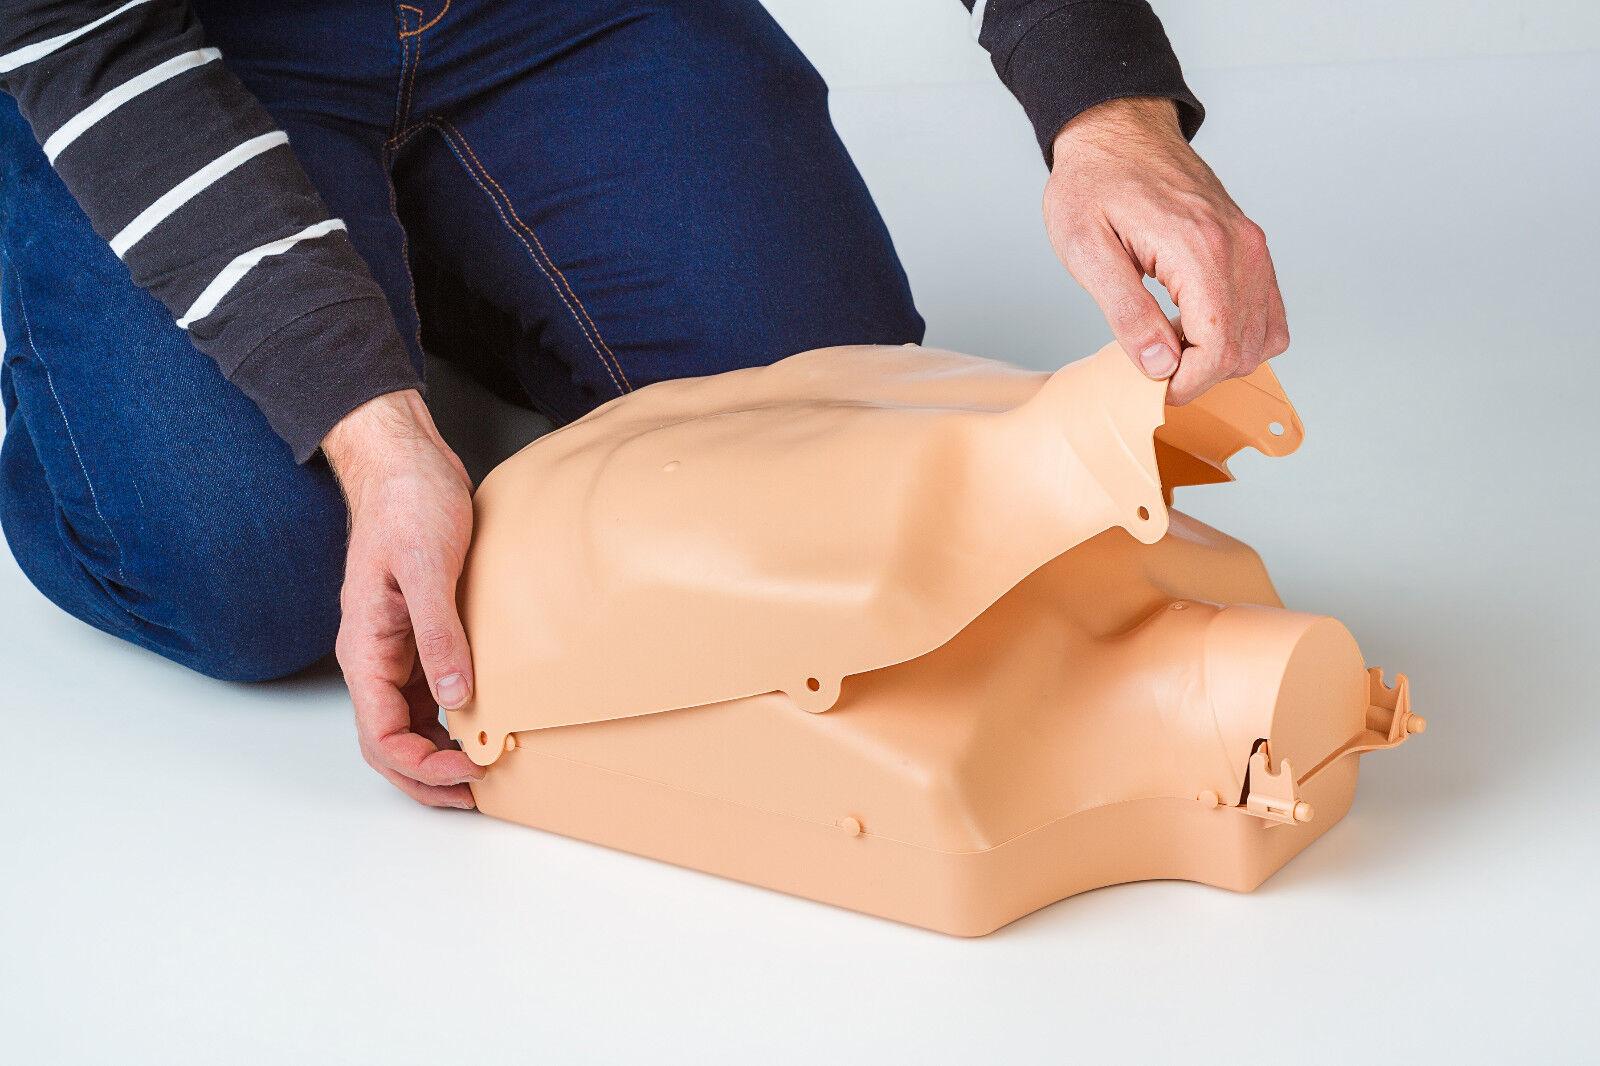 Brusthaut für Reanimationspuppe Practi-Man Advance